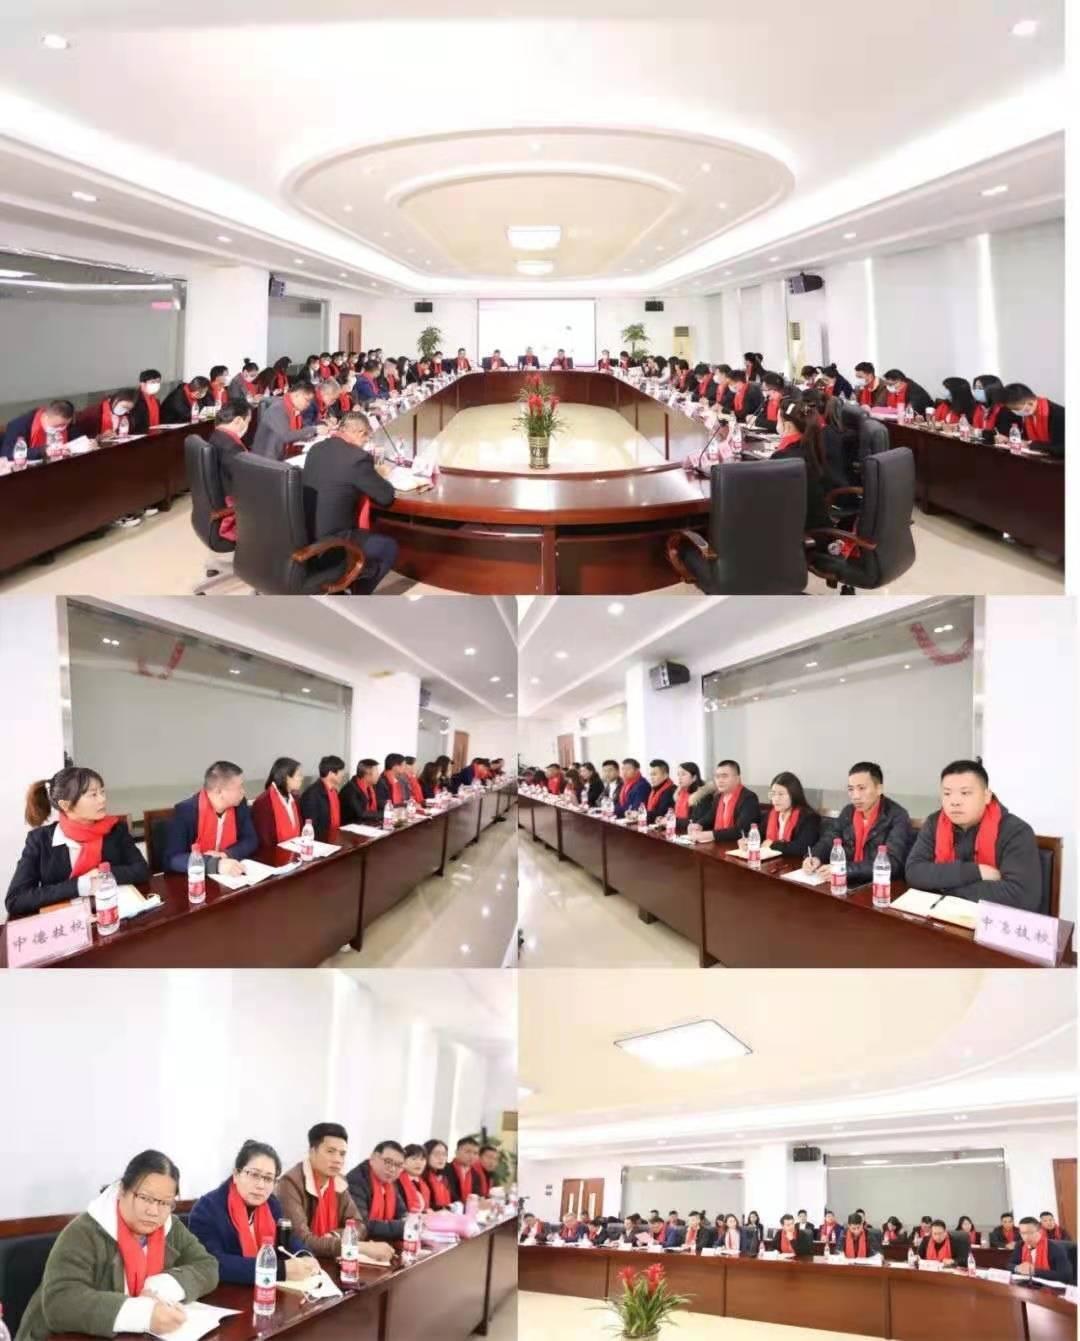 携手嘉彰 共创辉煌:深圳市新中德教育集团隆重召开2020年终总结大会